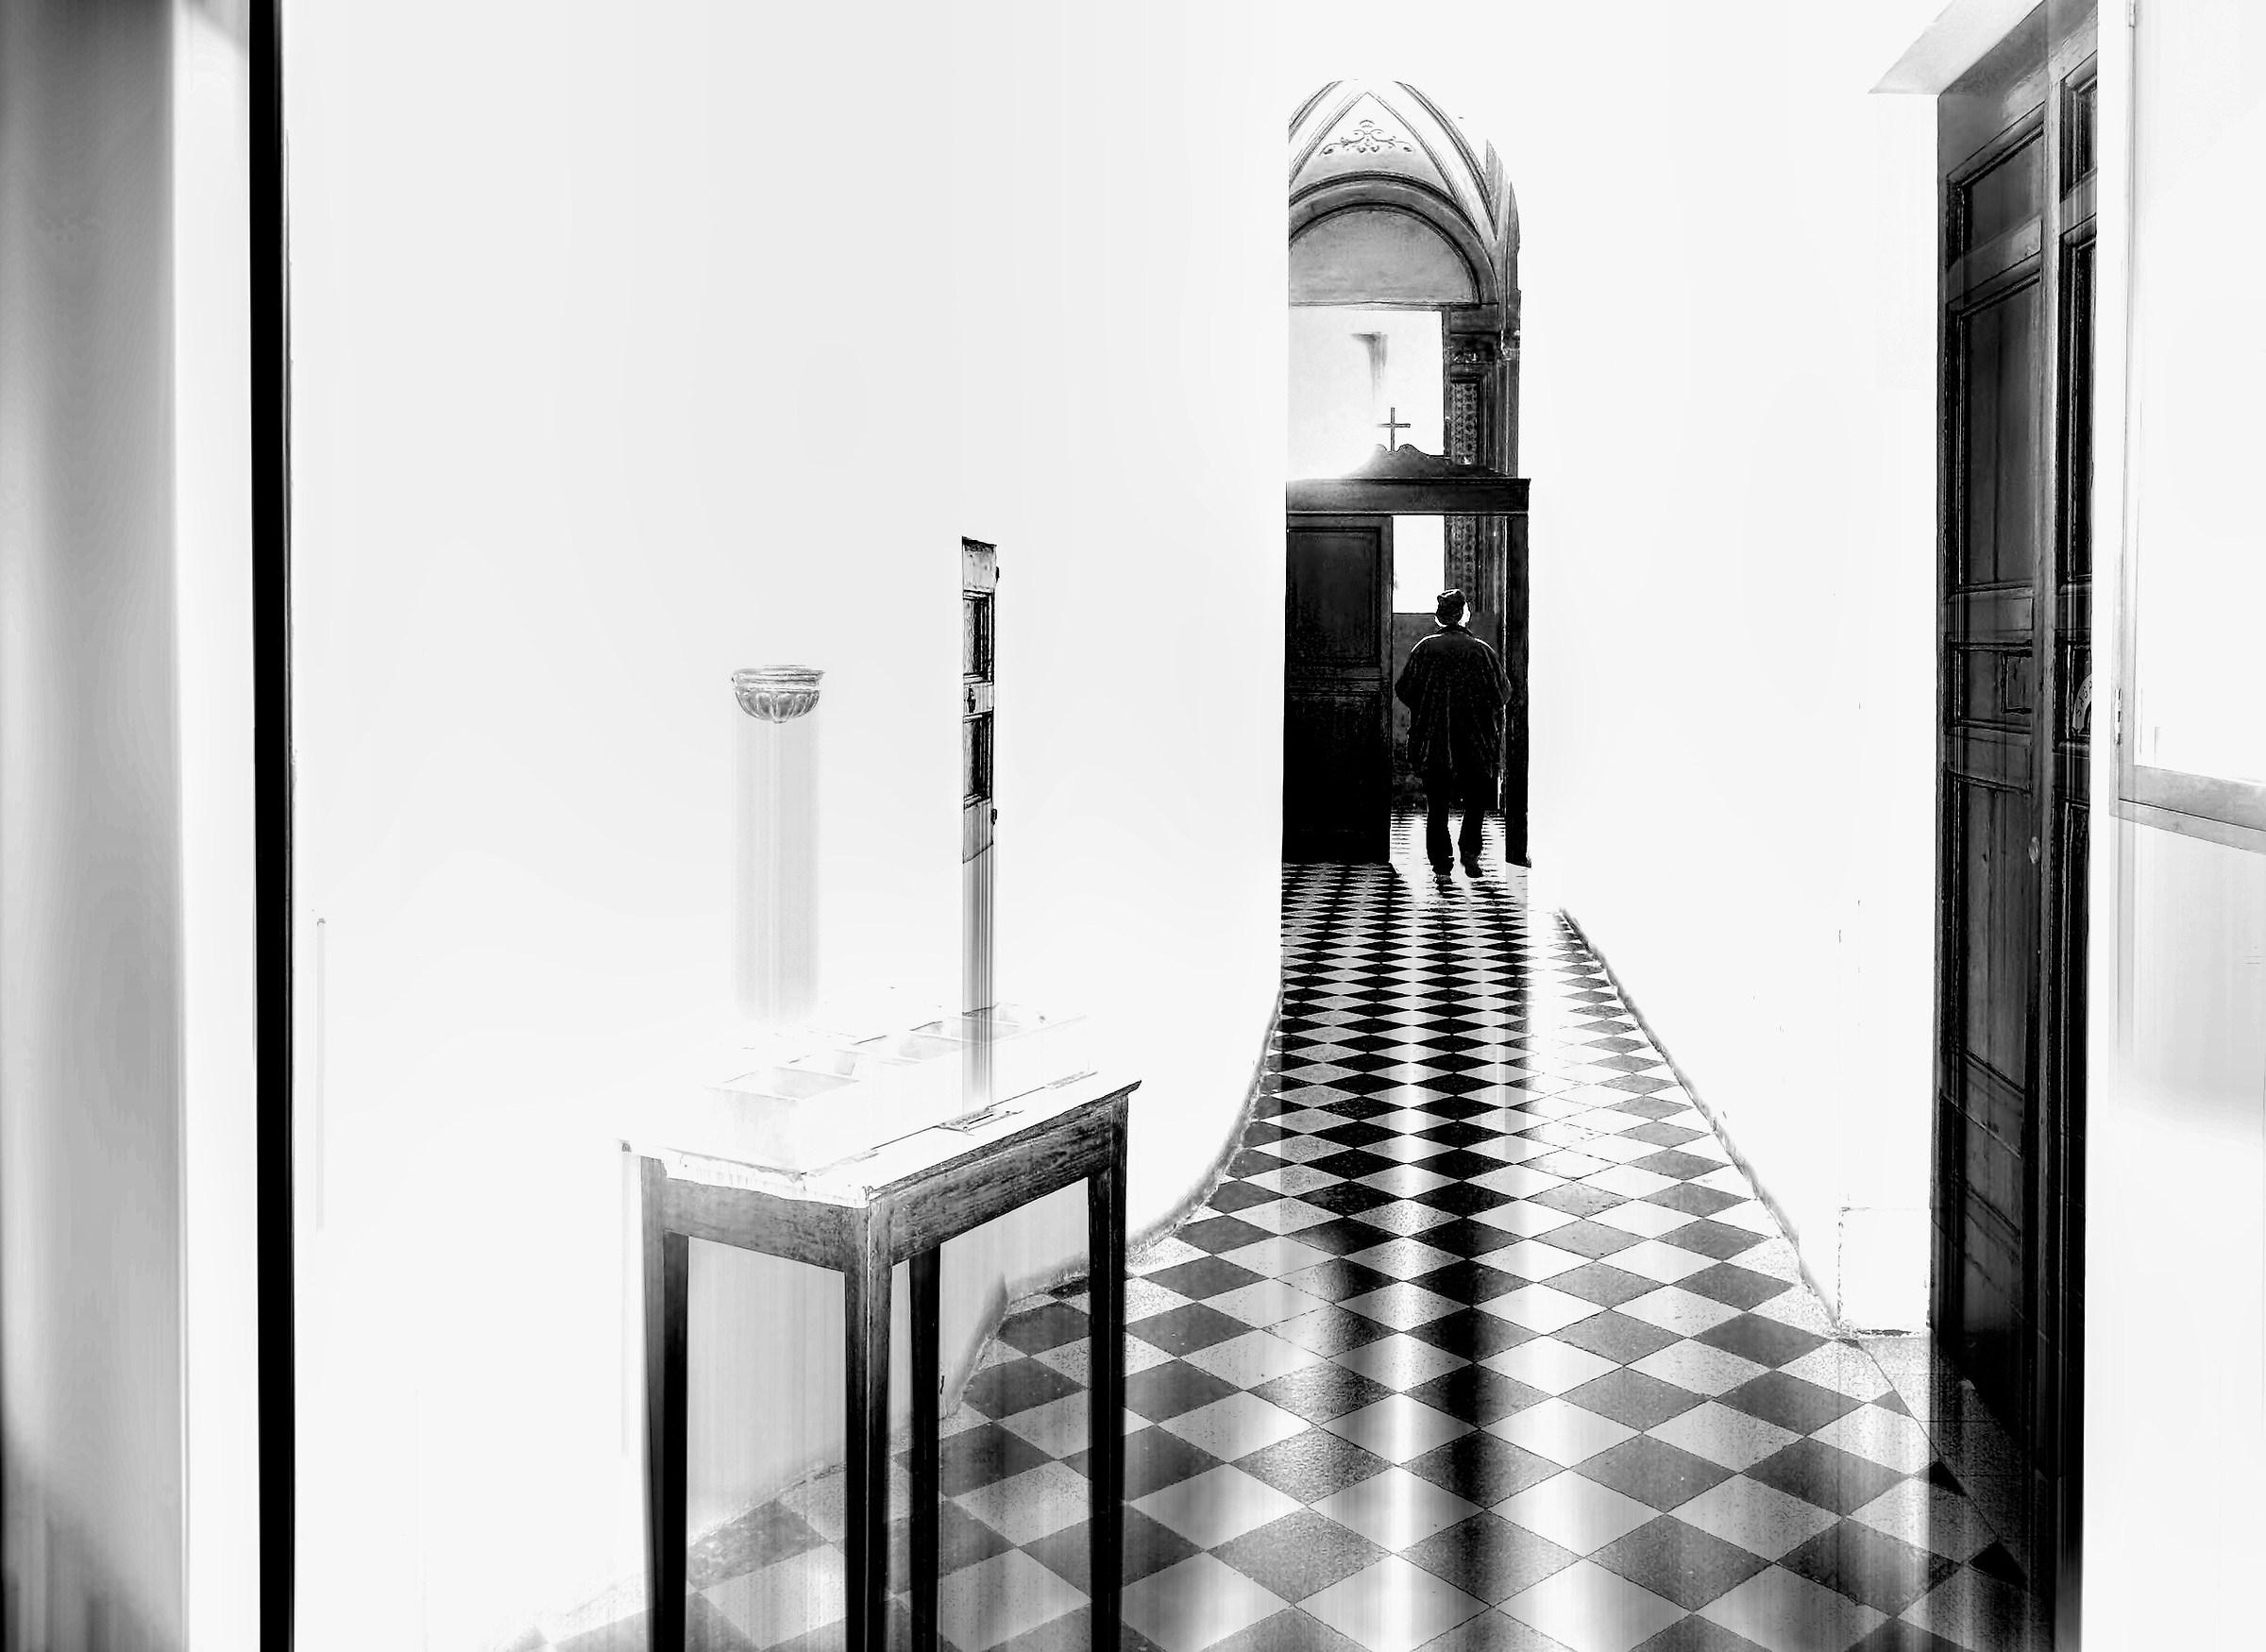 La porta in fondo al corridoio...